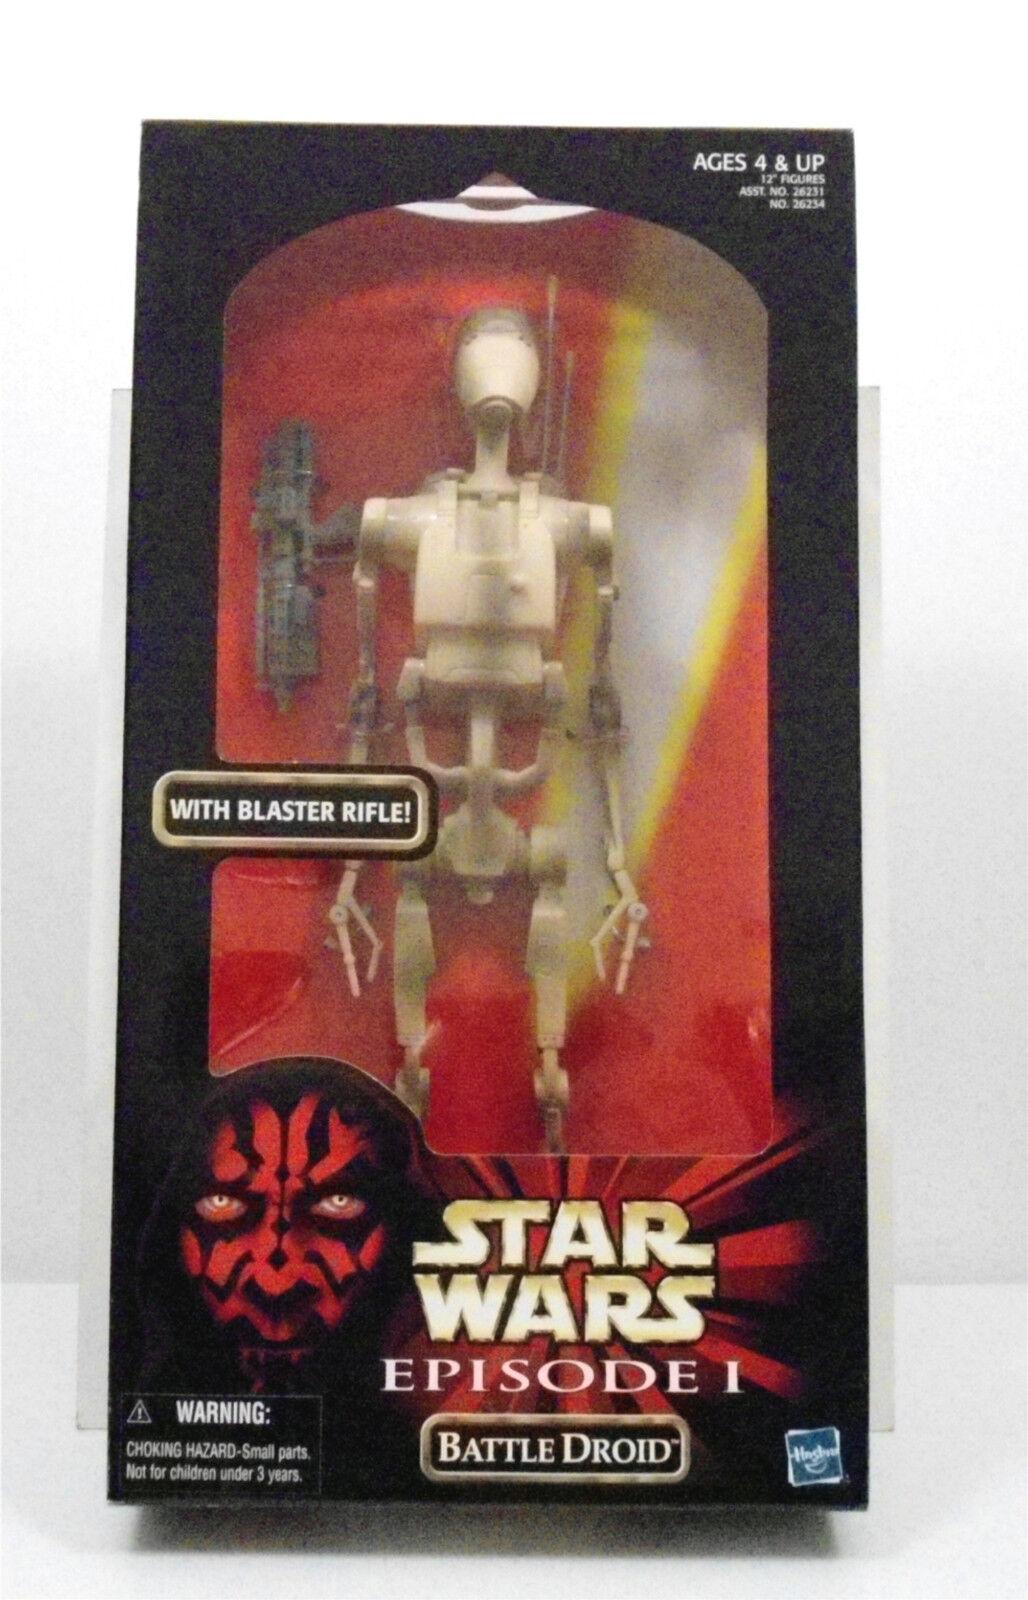 100% precio garantizado Estrella Wars episodio 1 Battle Droid con rifle bláster figura figura figura de 12 pulgadas  buena calidad